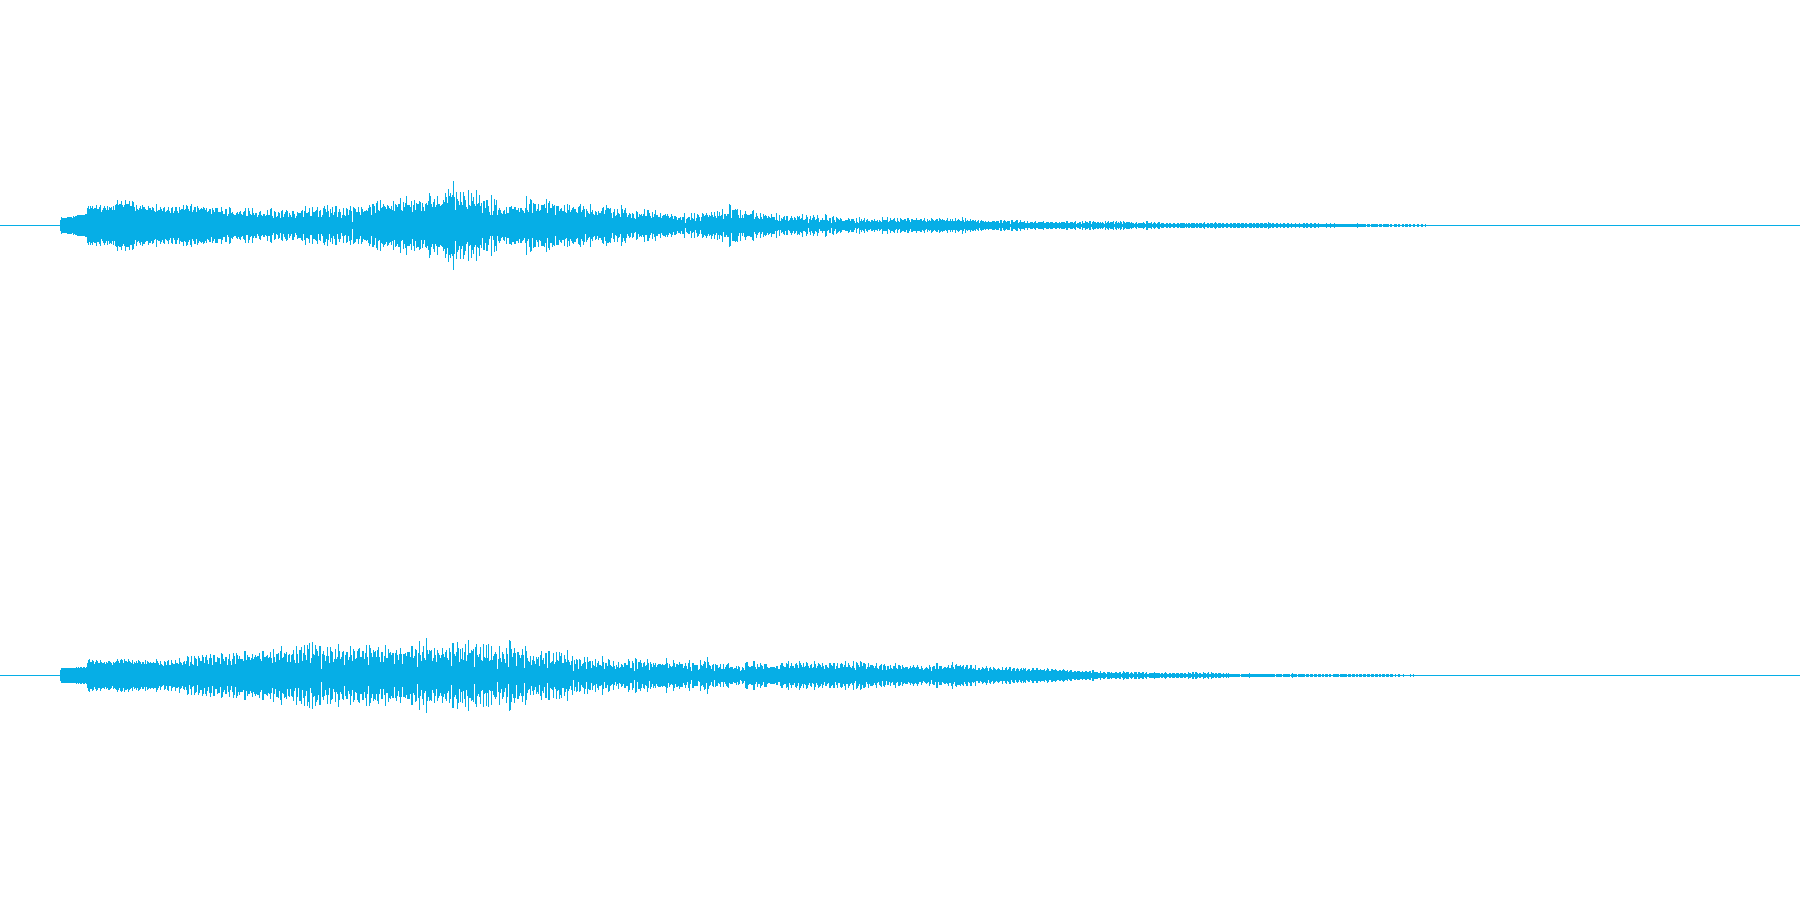 シンセコードによるサウンドロゴ2の再生済みの波形